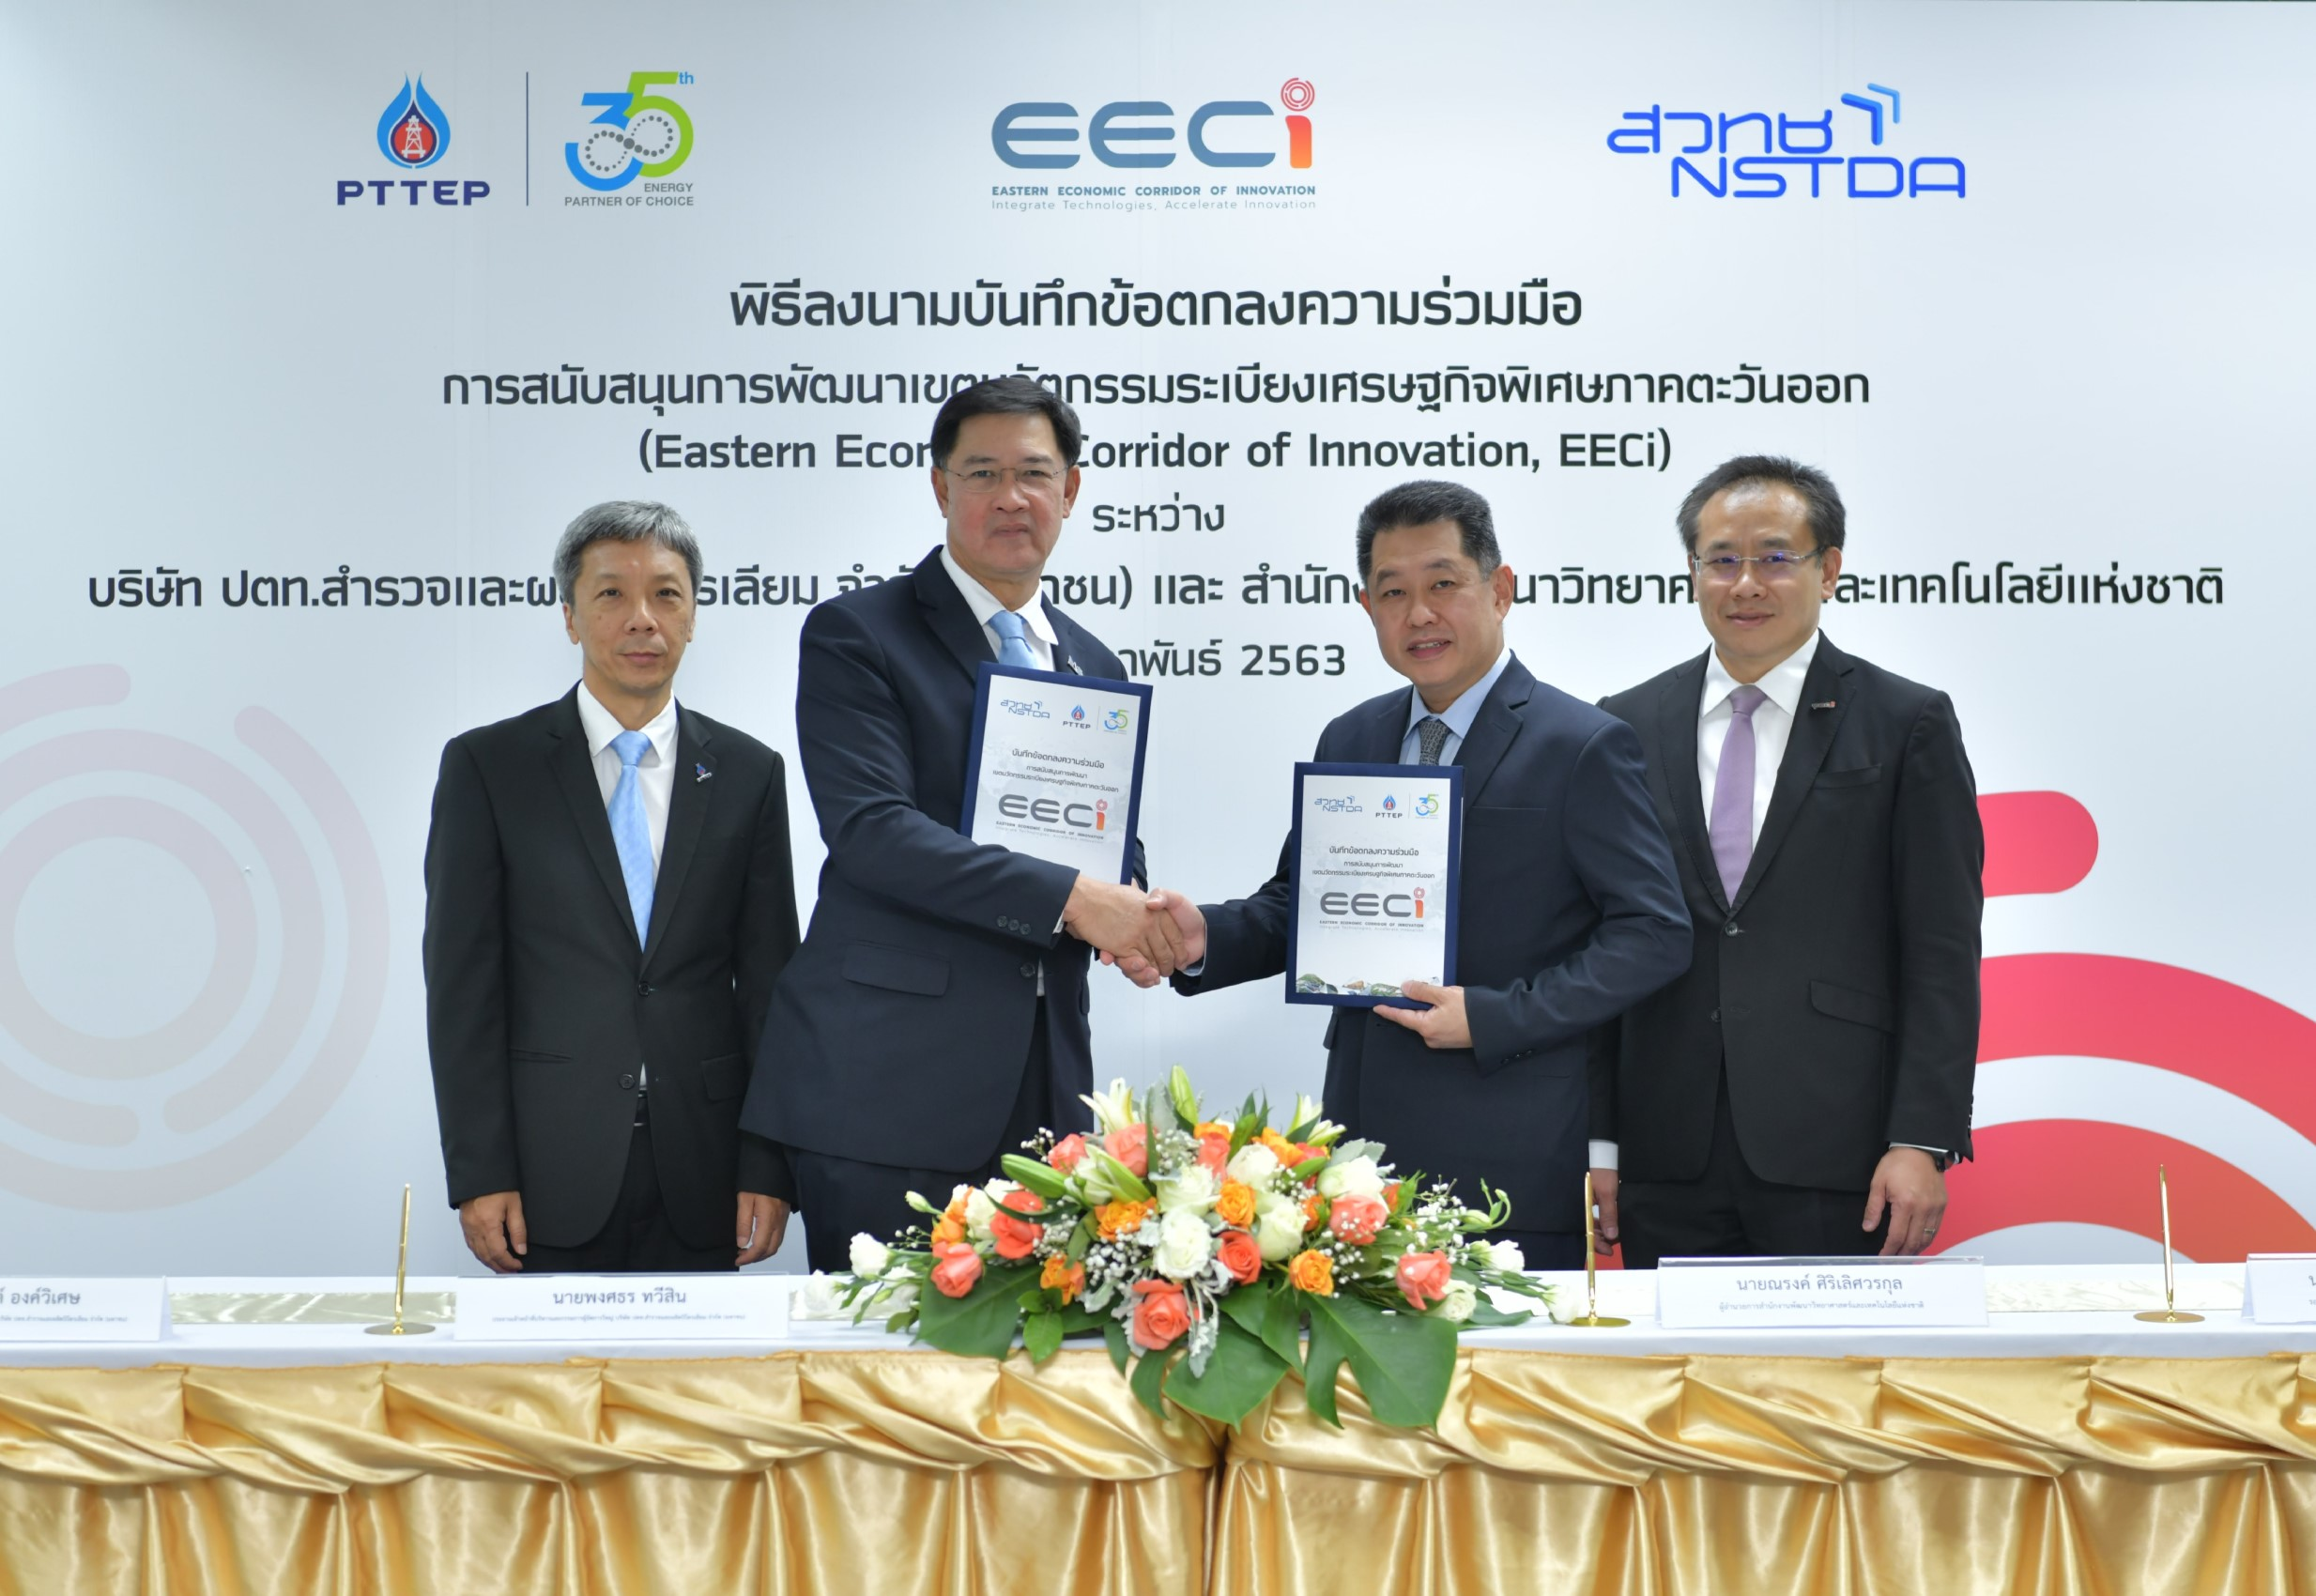 สวทช. จับมือ ปตท.สผ. หนุนการพัฒนา EECi  ร่วมพัฒนานวัตกรรม ตอบโจทย์ประเทศไทย 4.0